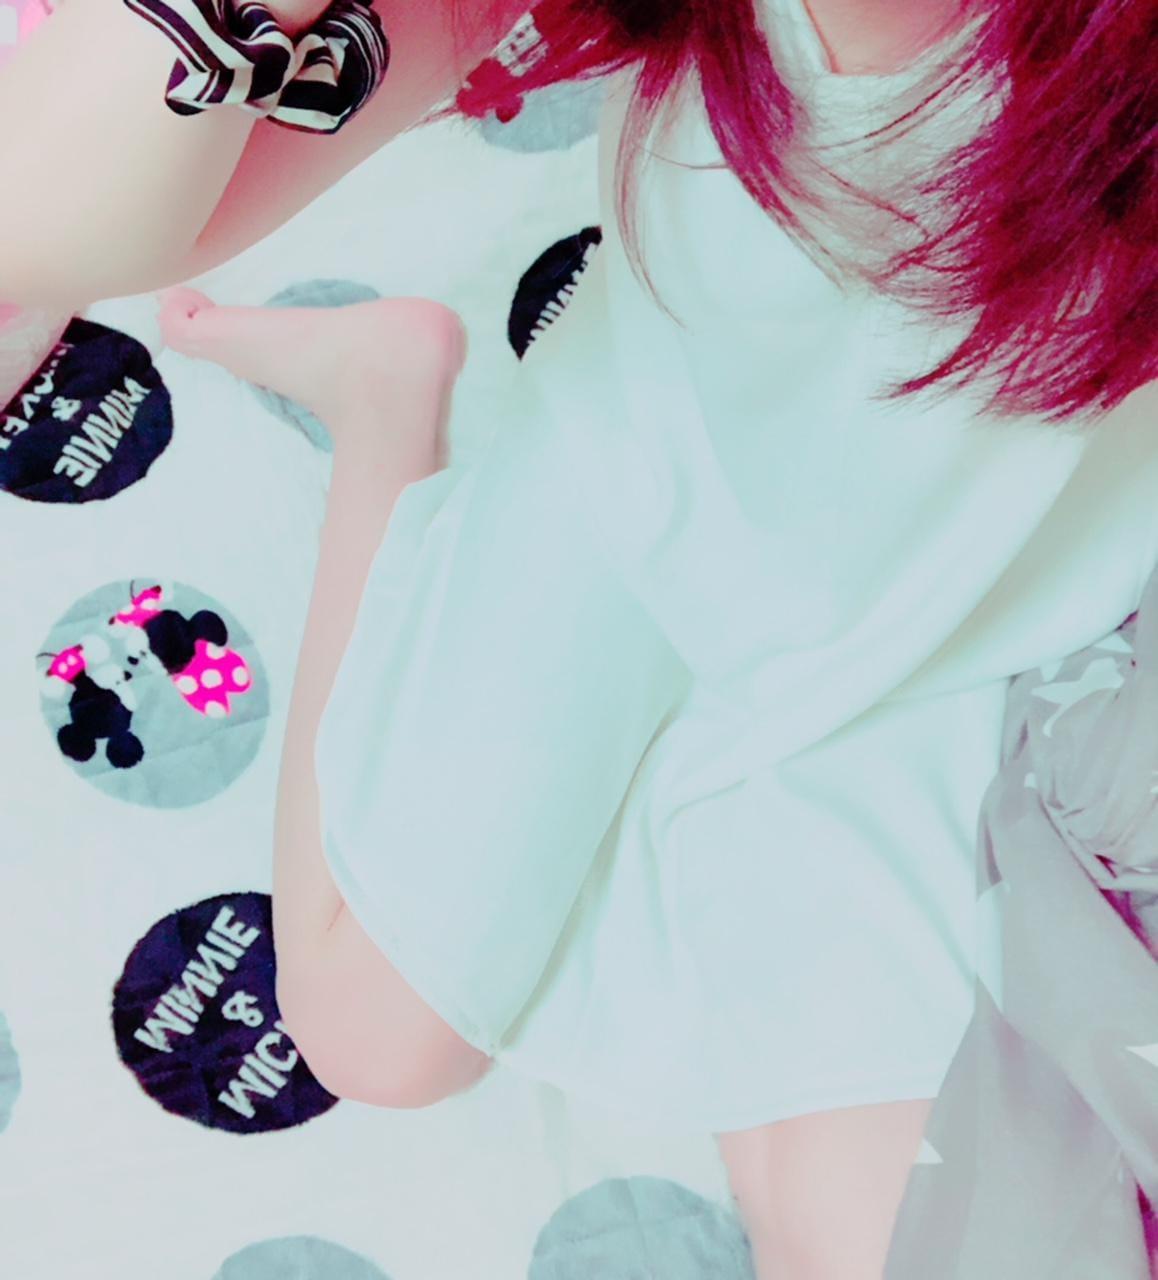 「お礼です!」09/08(09/08) 03:14 | スタイル抜群♪ななちゃんの写メ・風俗動画